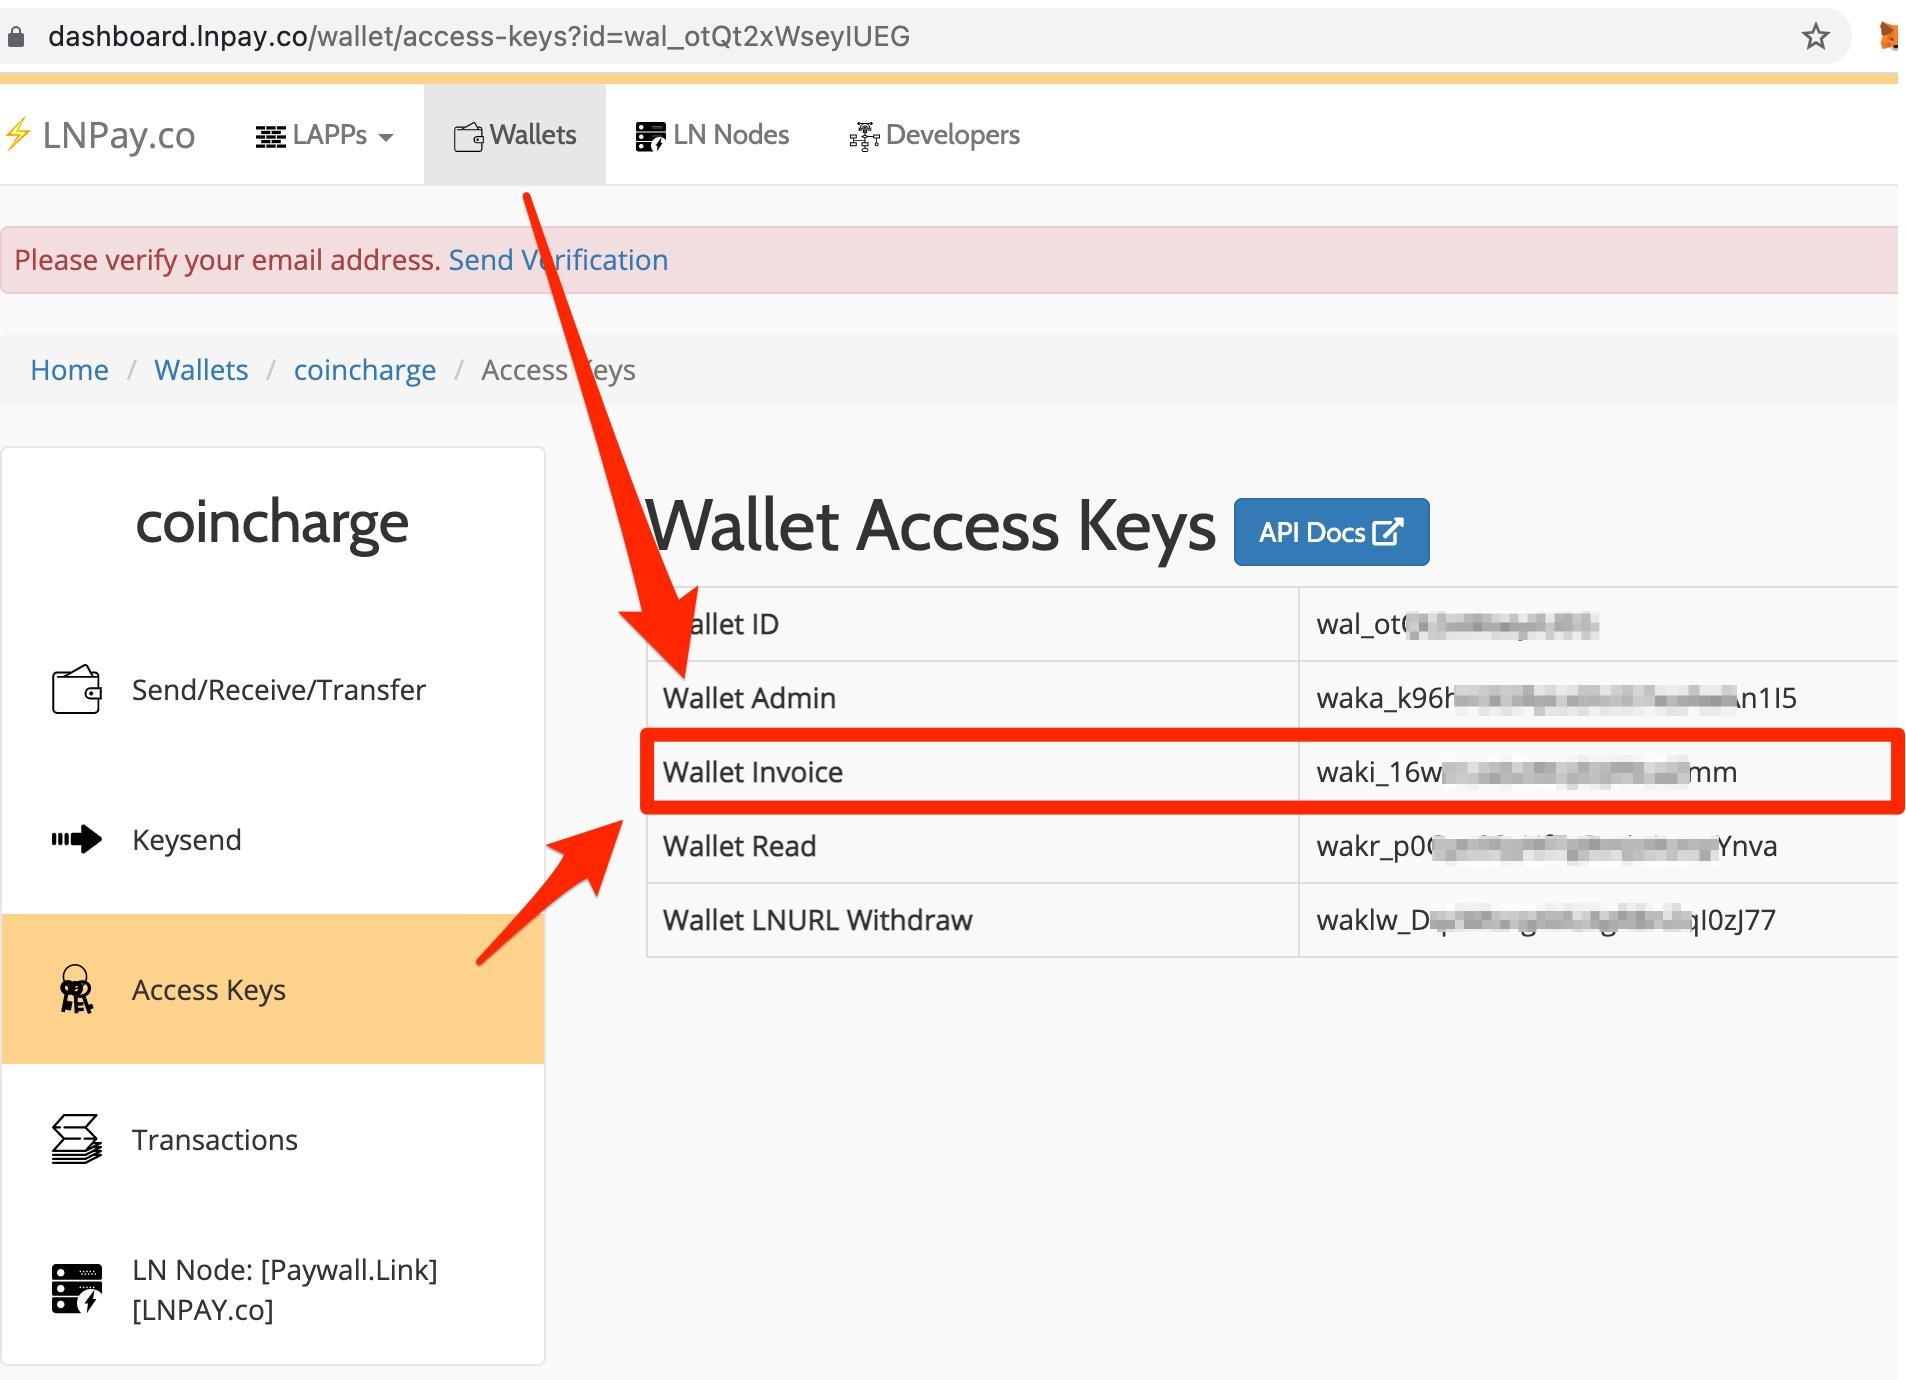 LNPay Wallet Invoice Key WAKI